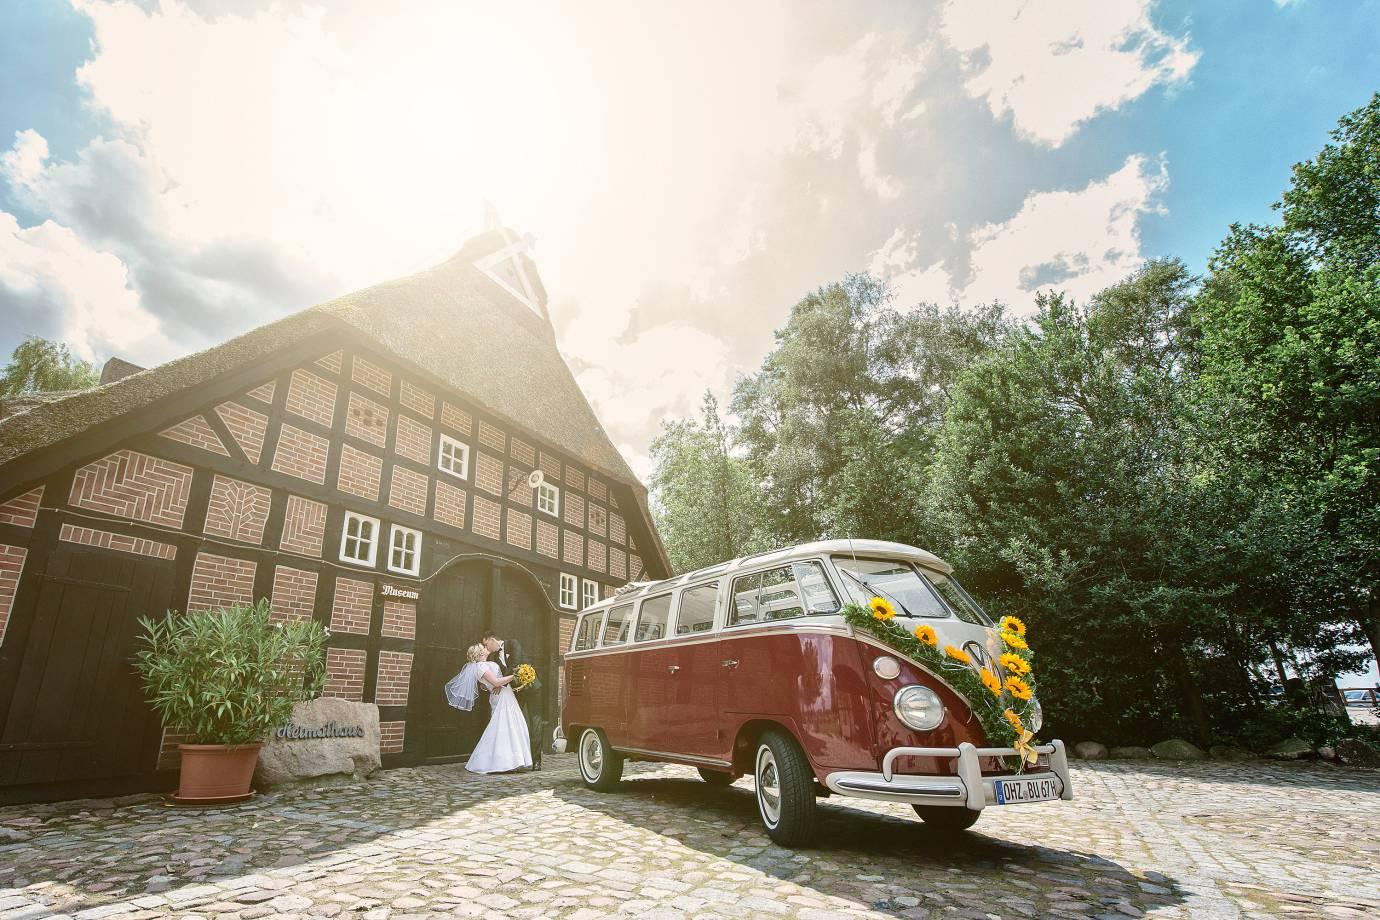 hochzeitsfotograf hambergen 057 - Iris+Sascha